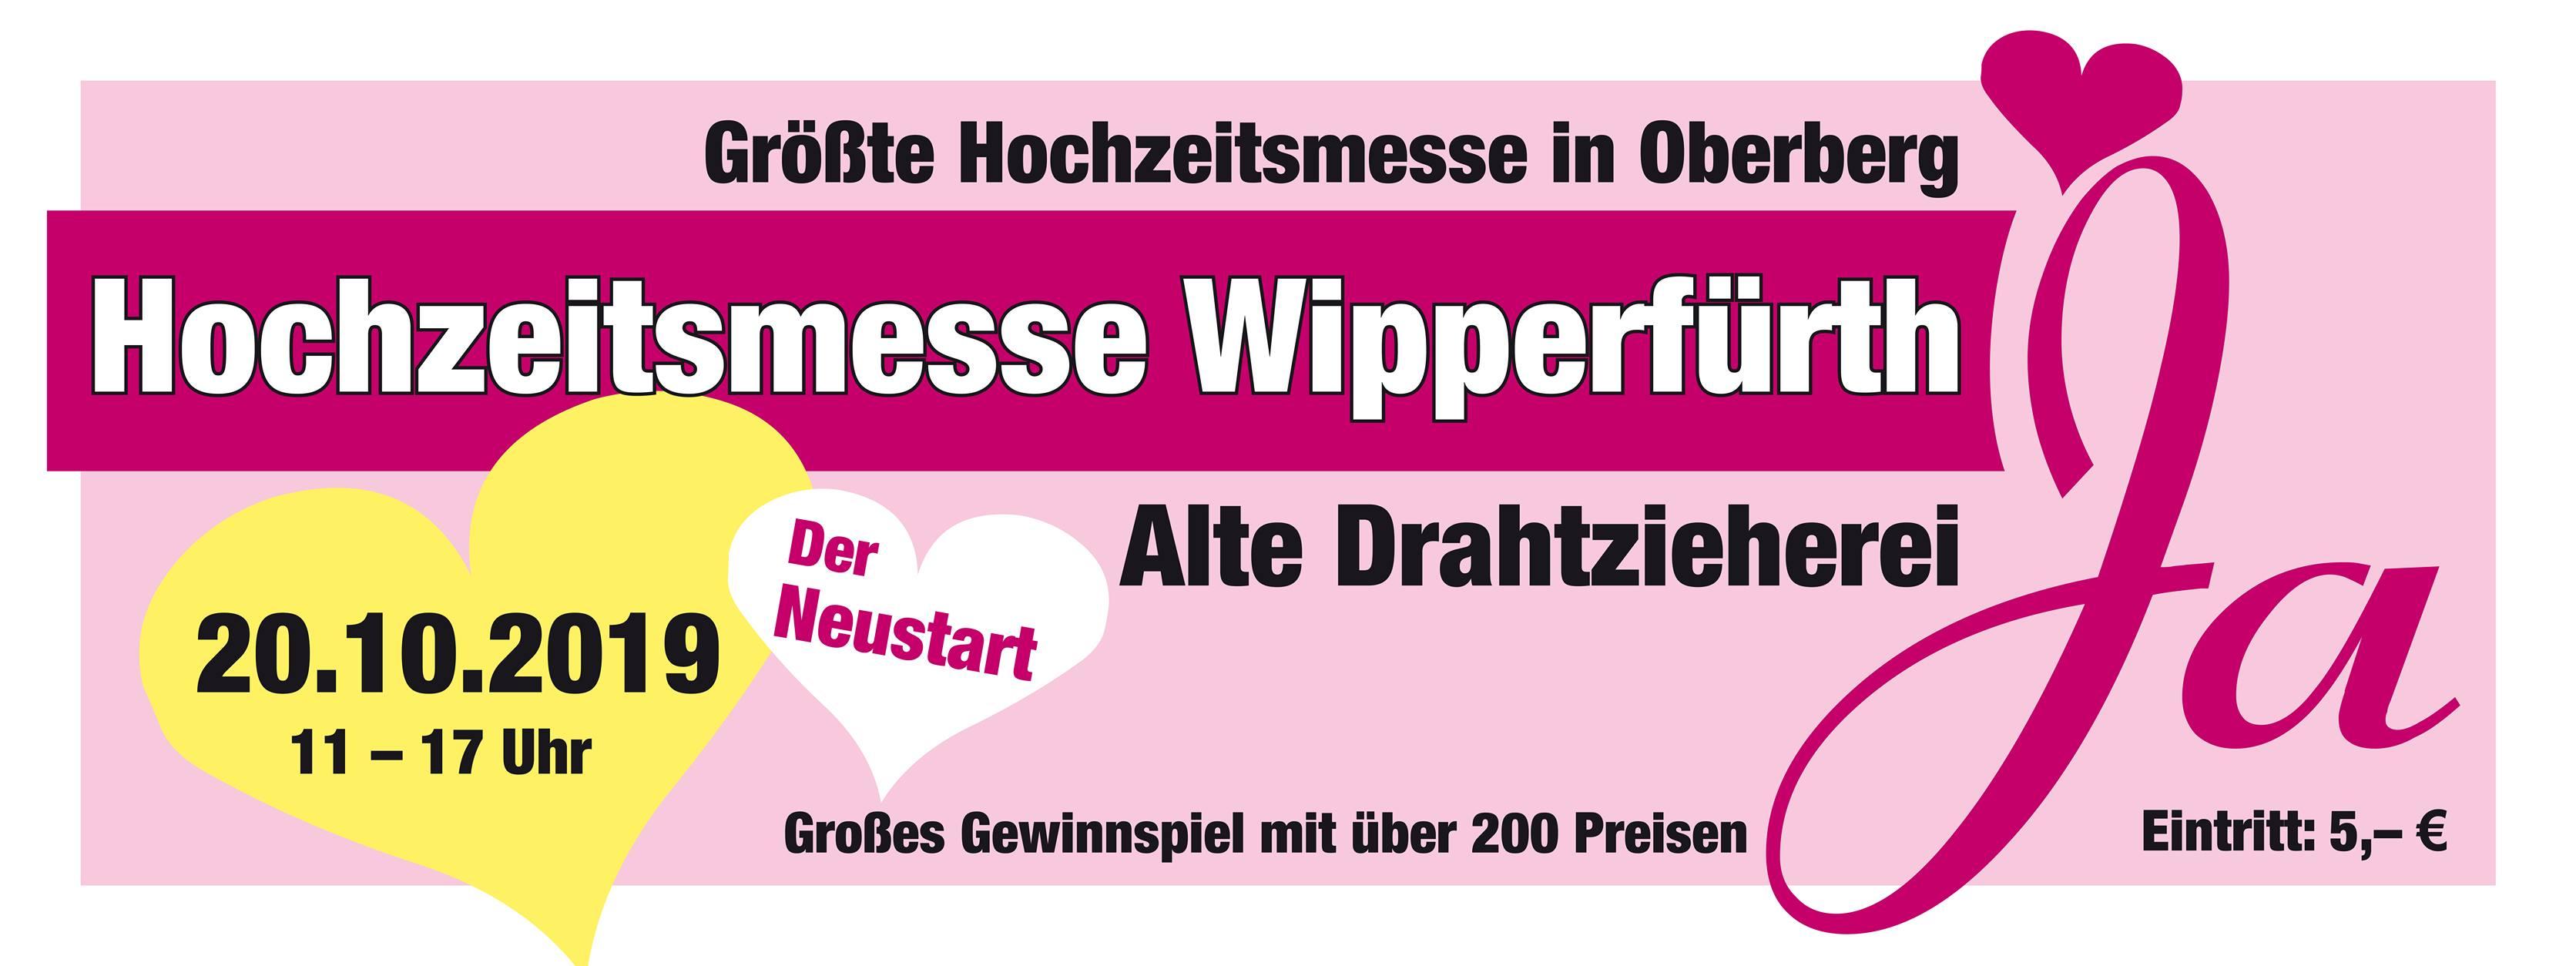 Die Hochzeitsmesse Wipperfürth findet am 20.10.2019 in der Alten Drahtzieherei statt.